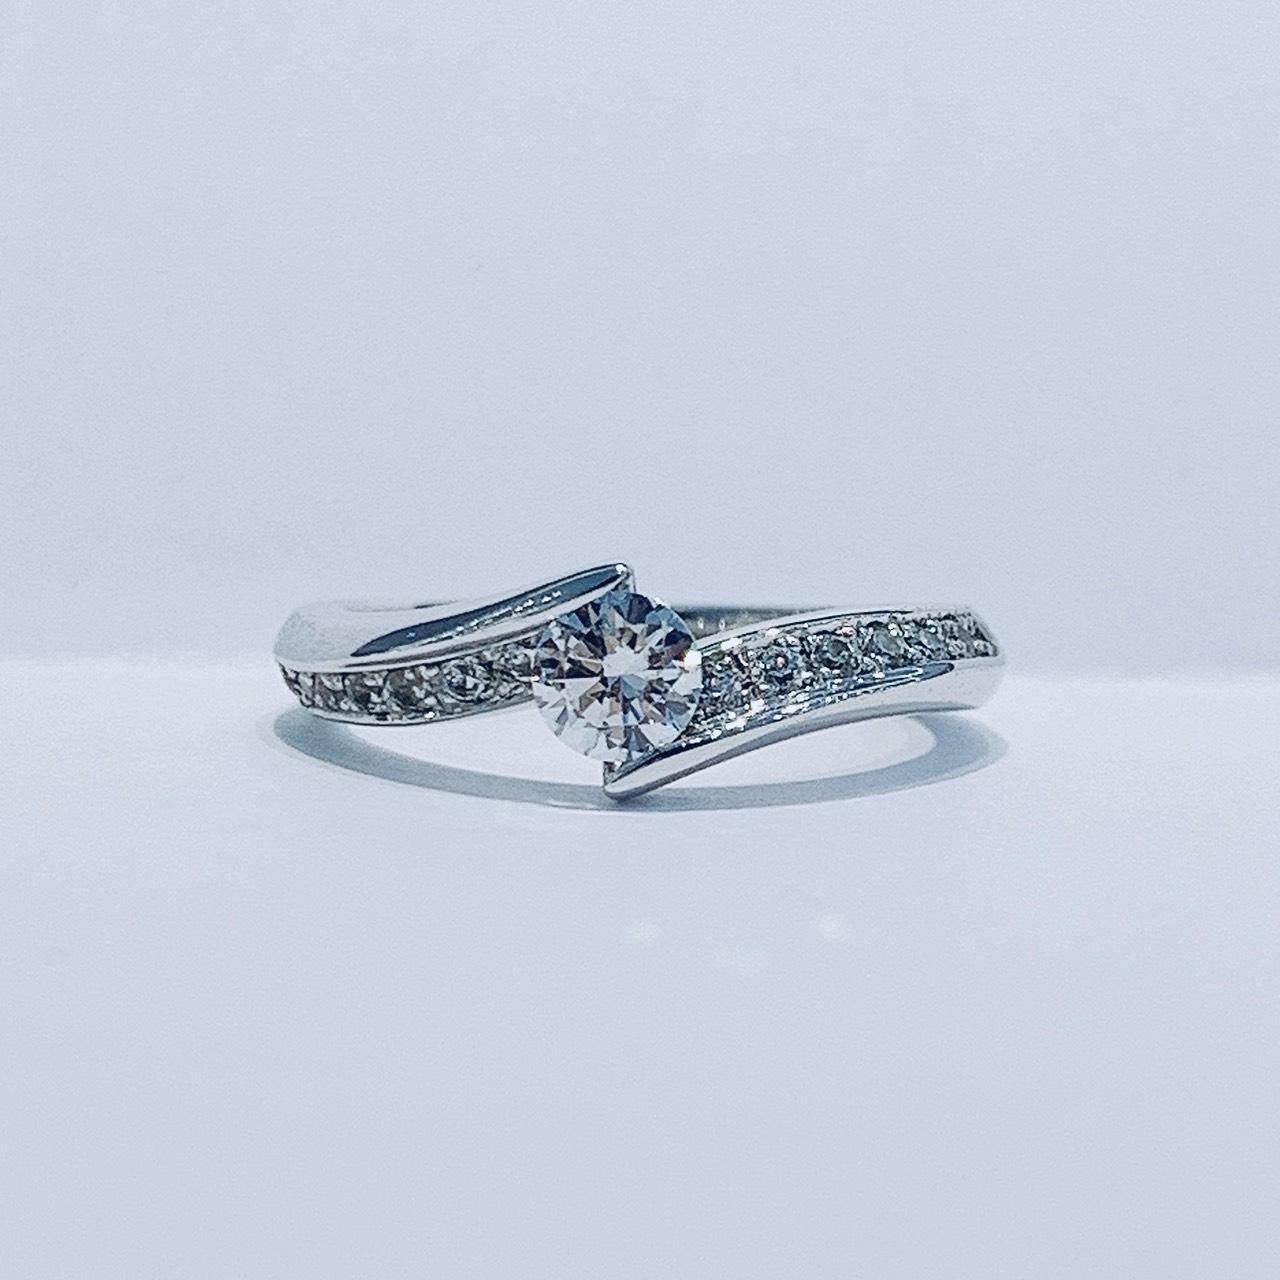 BROOCH 婚約指輪 エンゲージリング ウェーブダイヤモンドライン